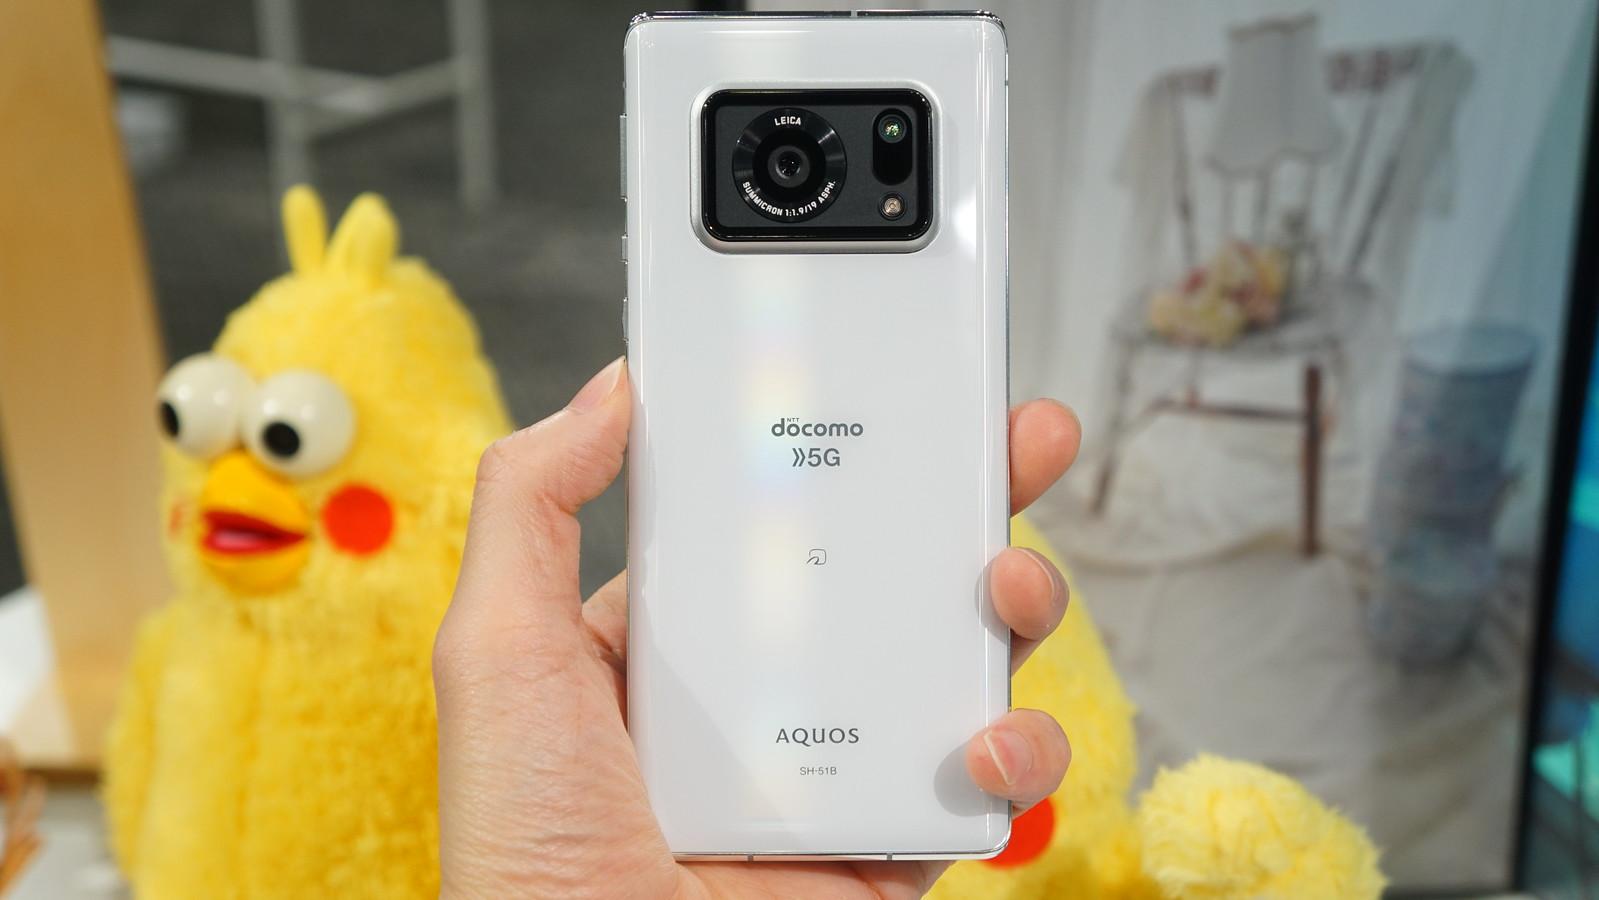 高性能デジタルカメラ用のイメージセンサーをそのままスマートフォンに搭載